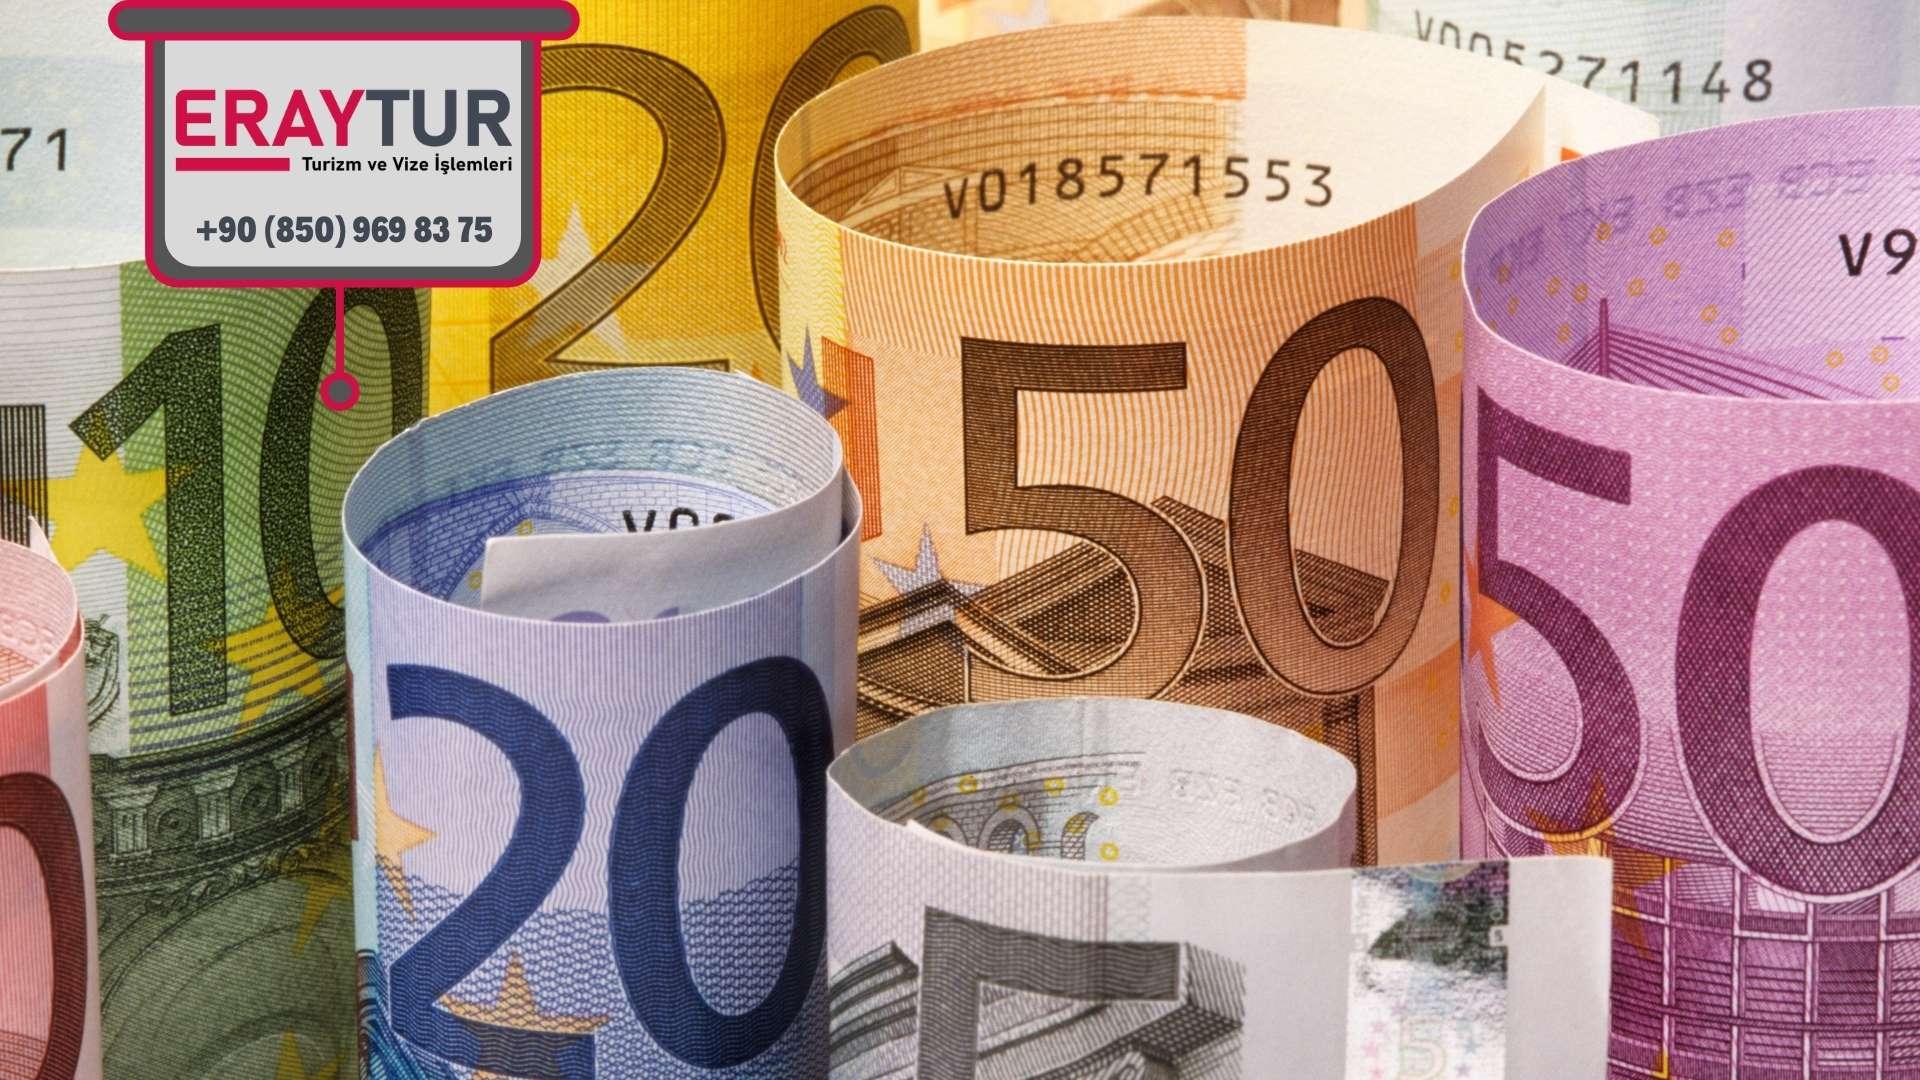 Fransa 0-6 Yaş ve 6-12 Yaş Aralığındaki Çocuklar İçin Vize Ücretleri